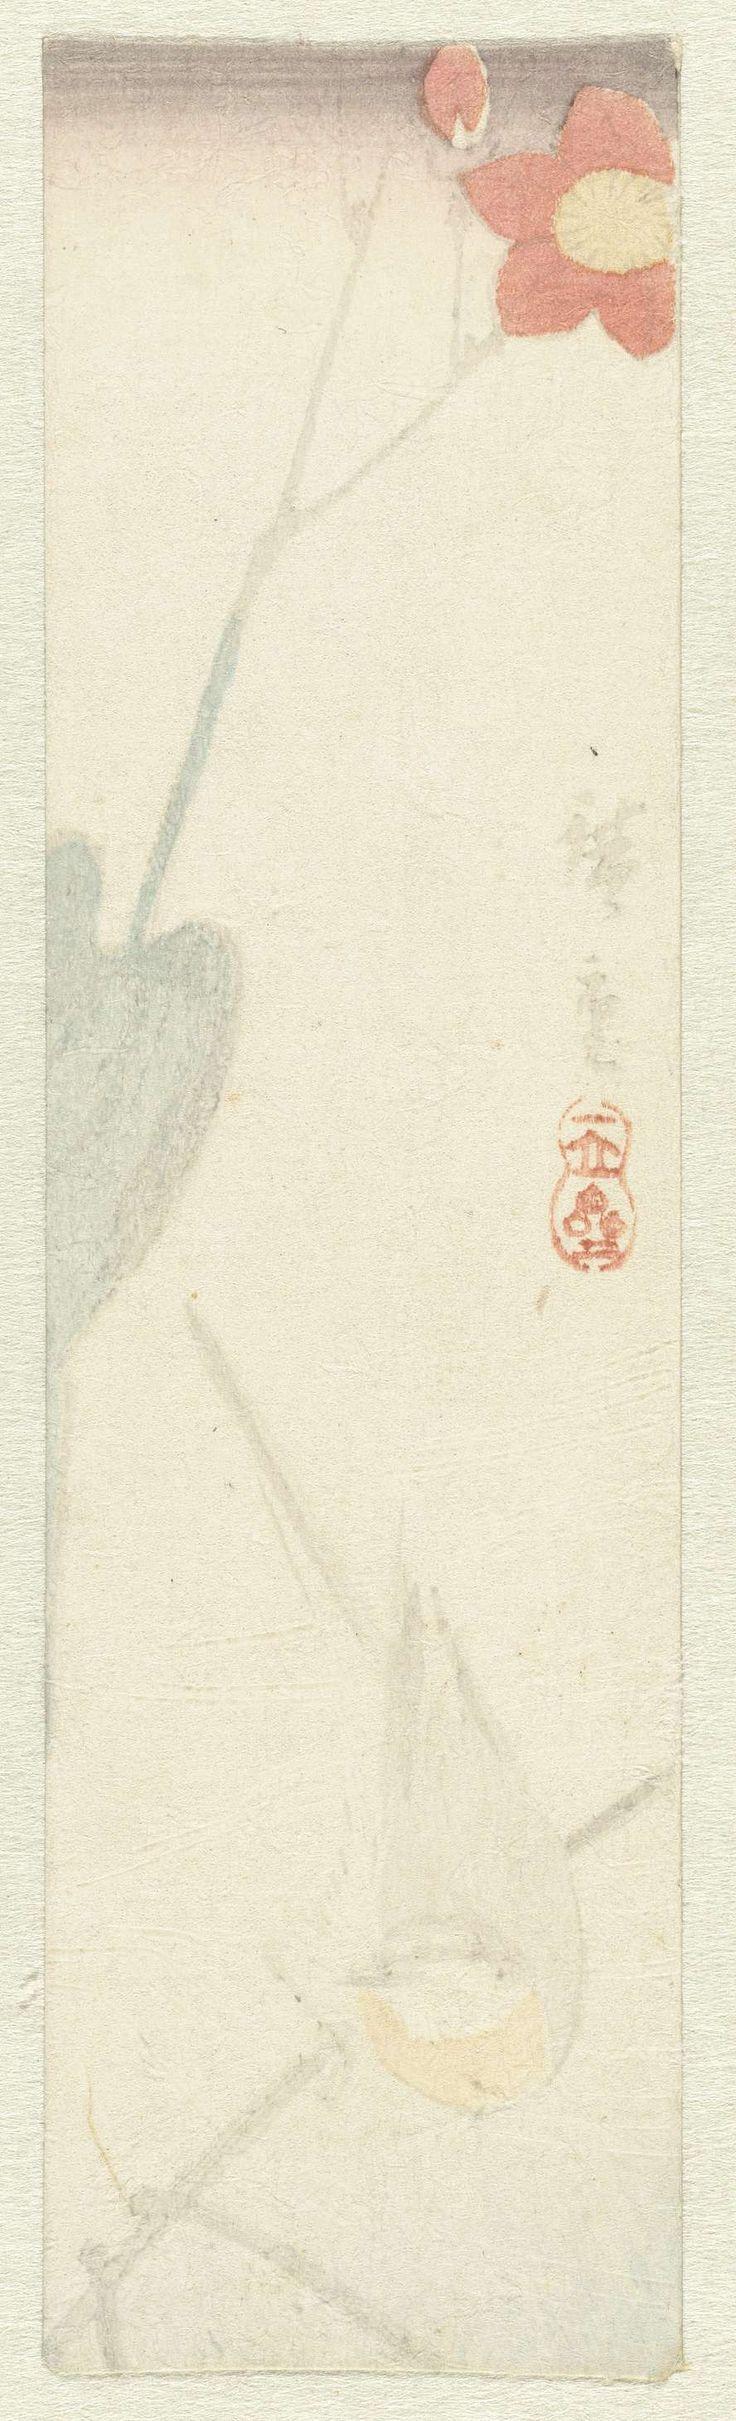 Hiroshige (I) , Utagawa | Kwikstaart bij stroom, Hiroshige (I) , Utagawa, 1845 - 1950 | Voorkant van envelop met afbeelding van vogel op takje bij rode bloem, boven water.